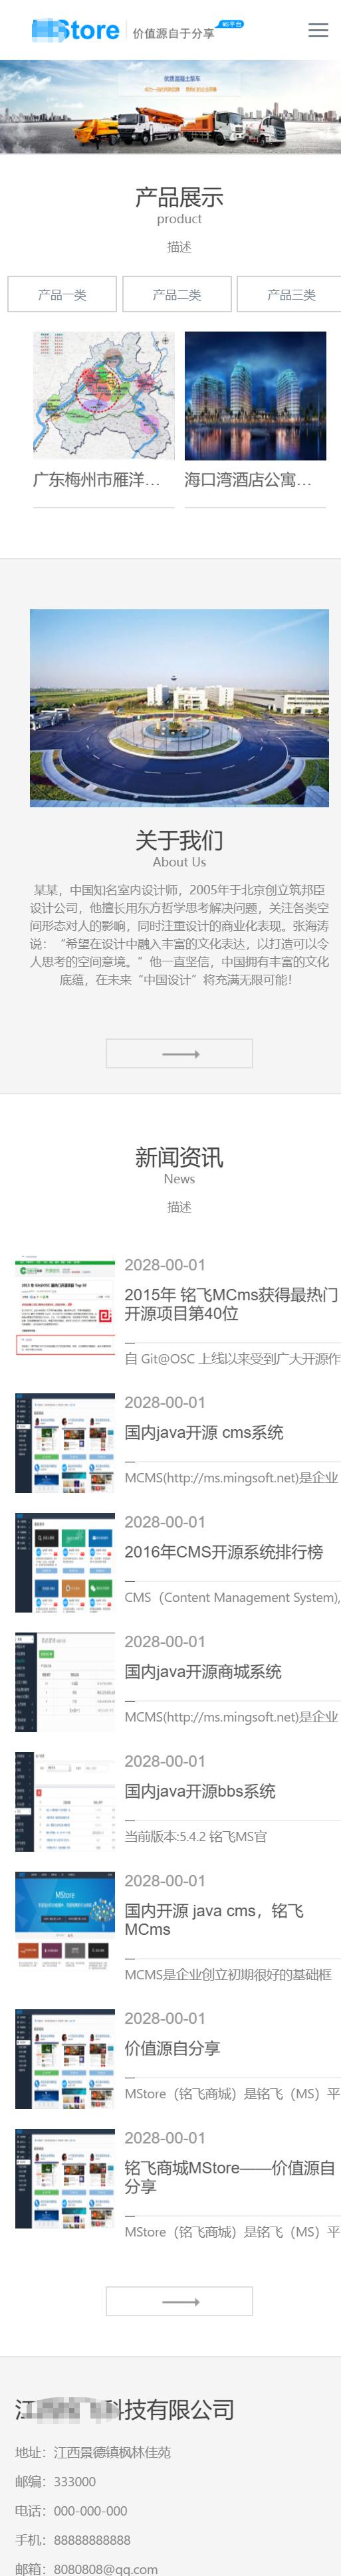 h5响应式企业网站源码(响应式网站整站源码) (https://www.oilcn.net.cn/) 网站运营 第4张